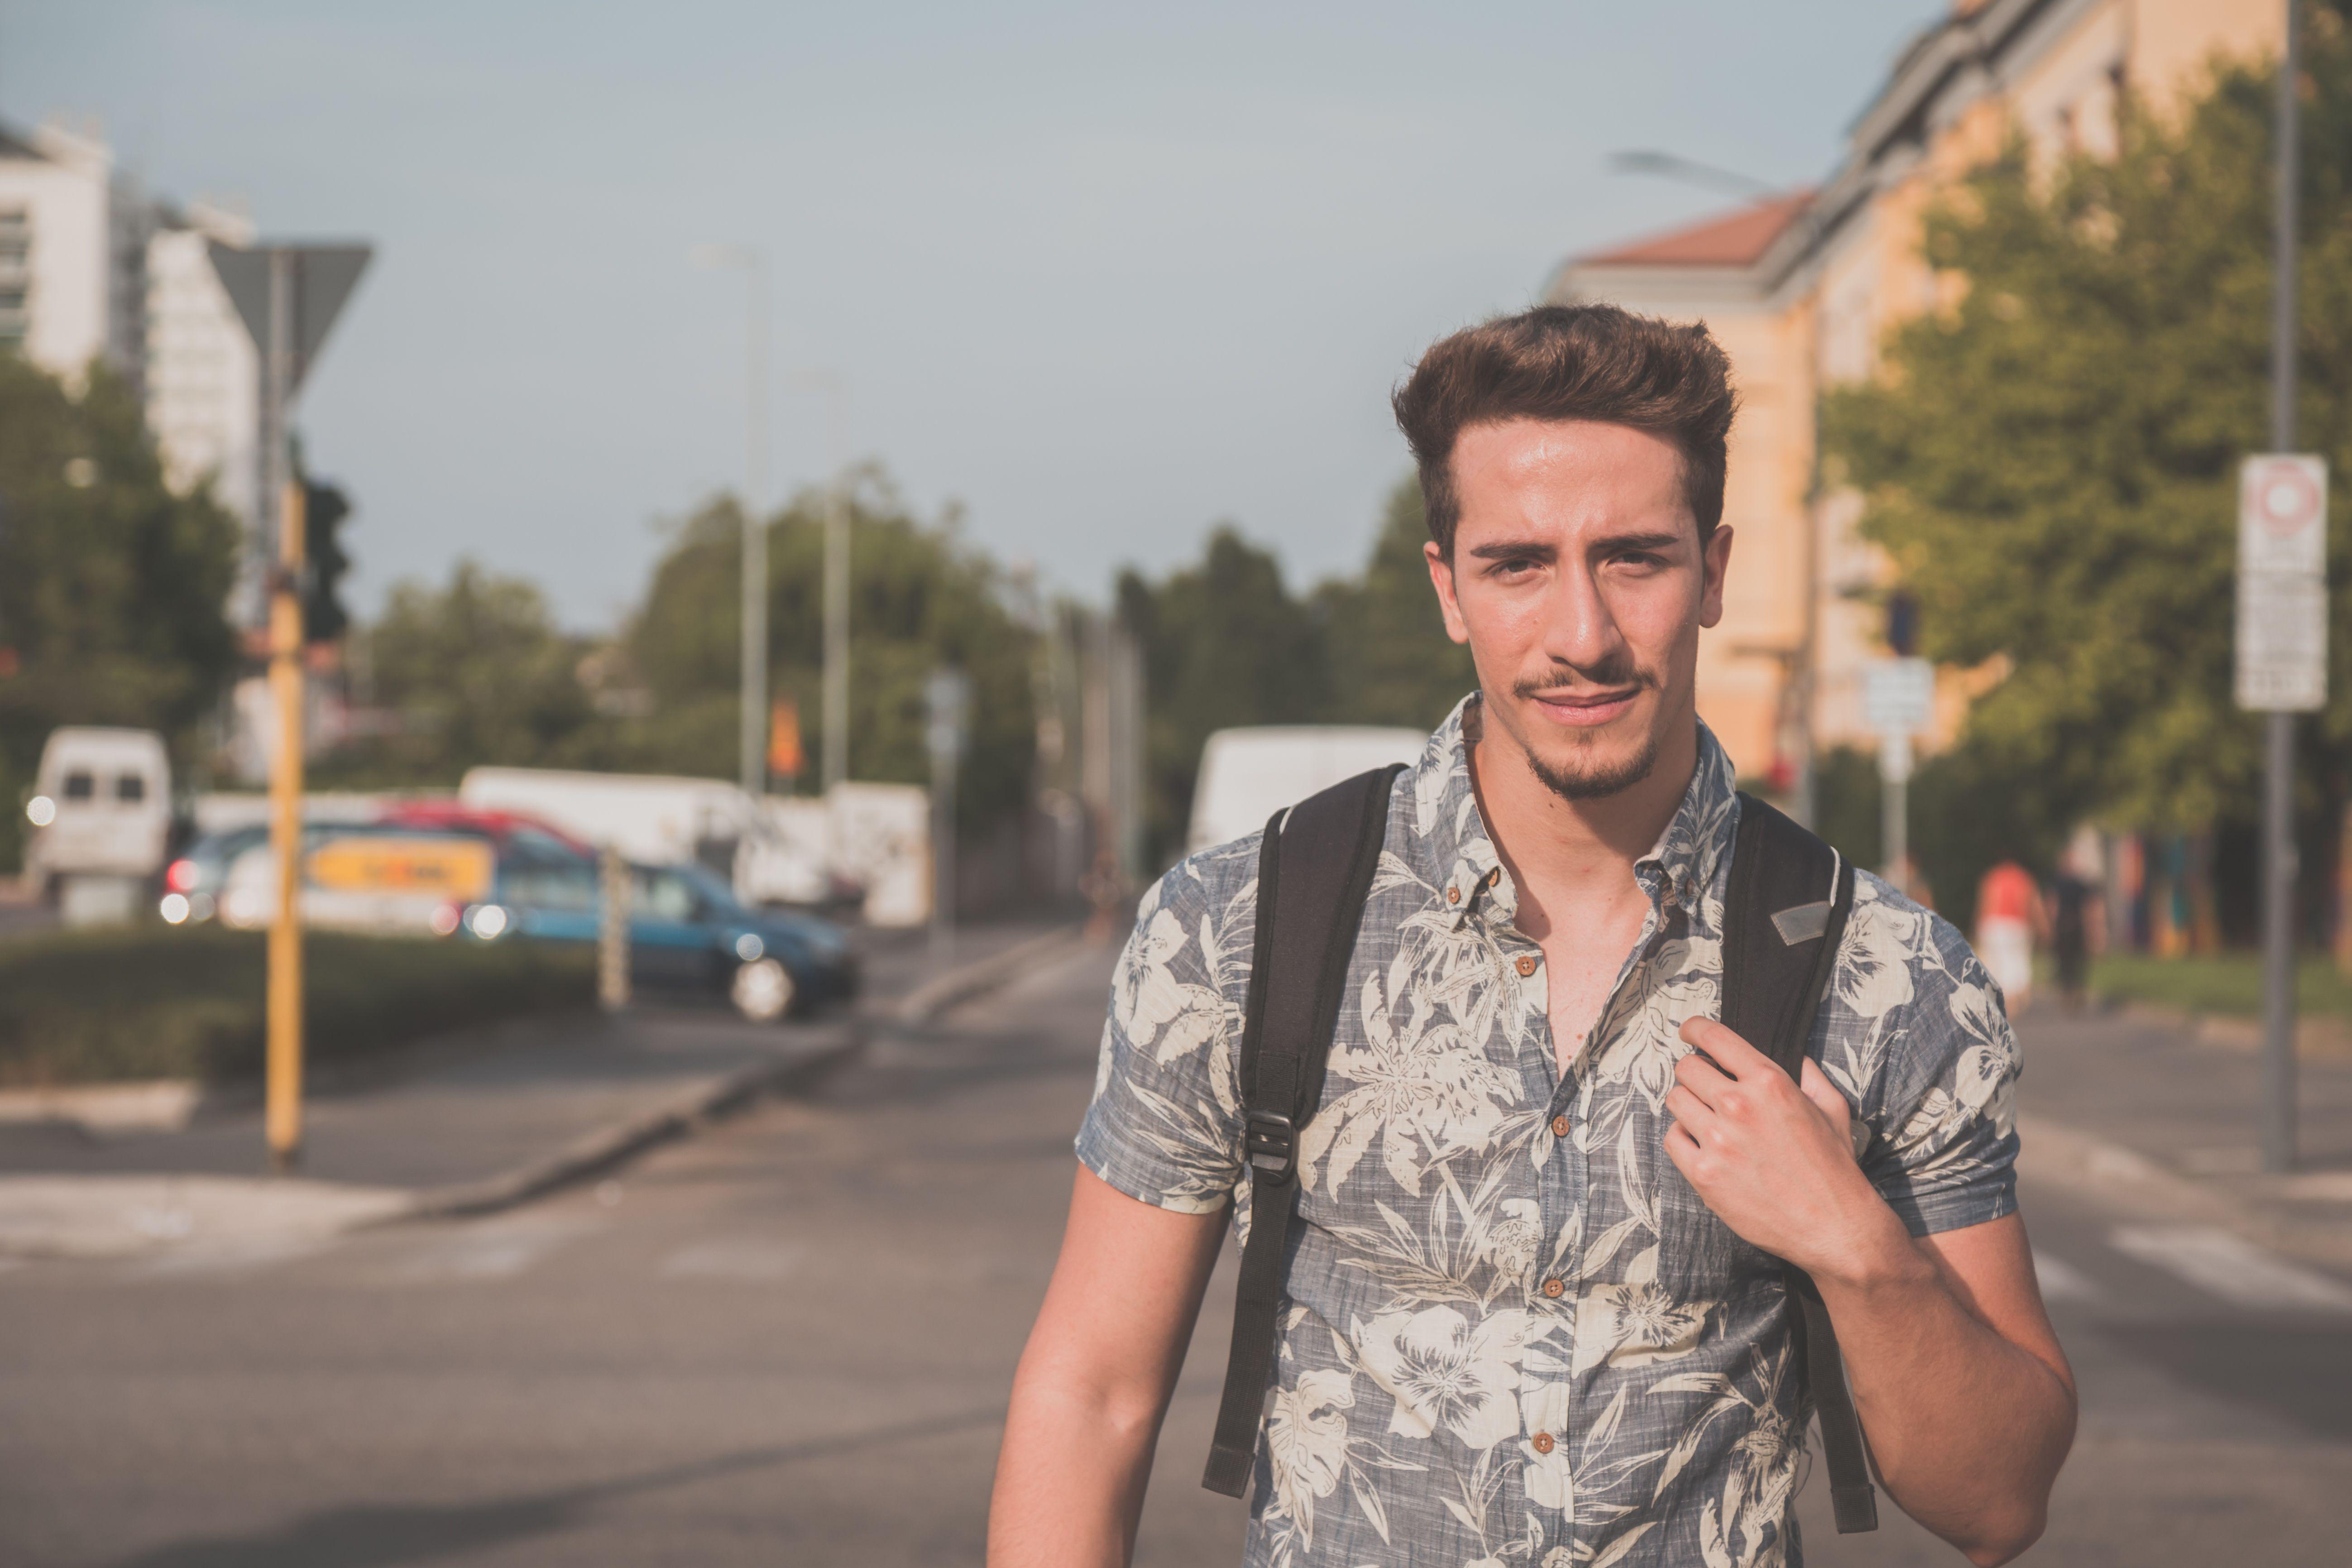 Pitali smo žene što misle o muškim košuljama kratkih rukava. Odgovori su urnebesni.